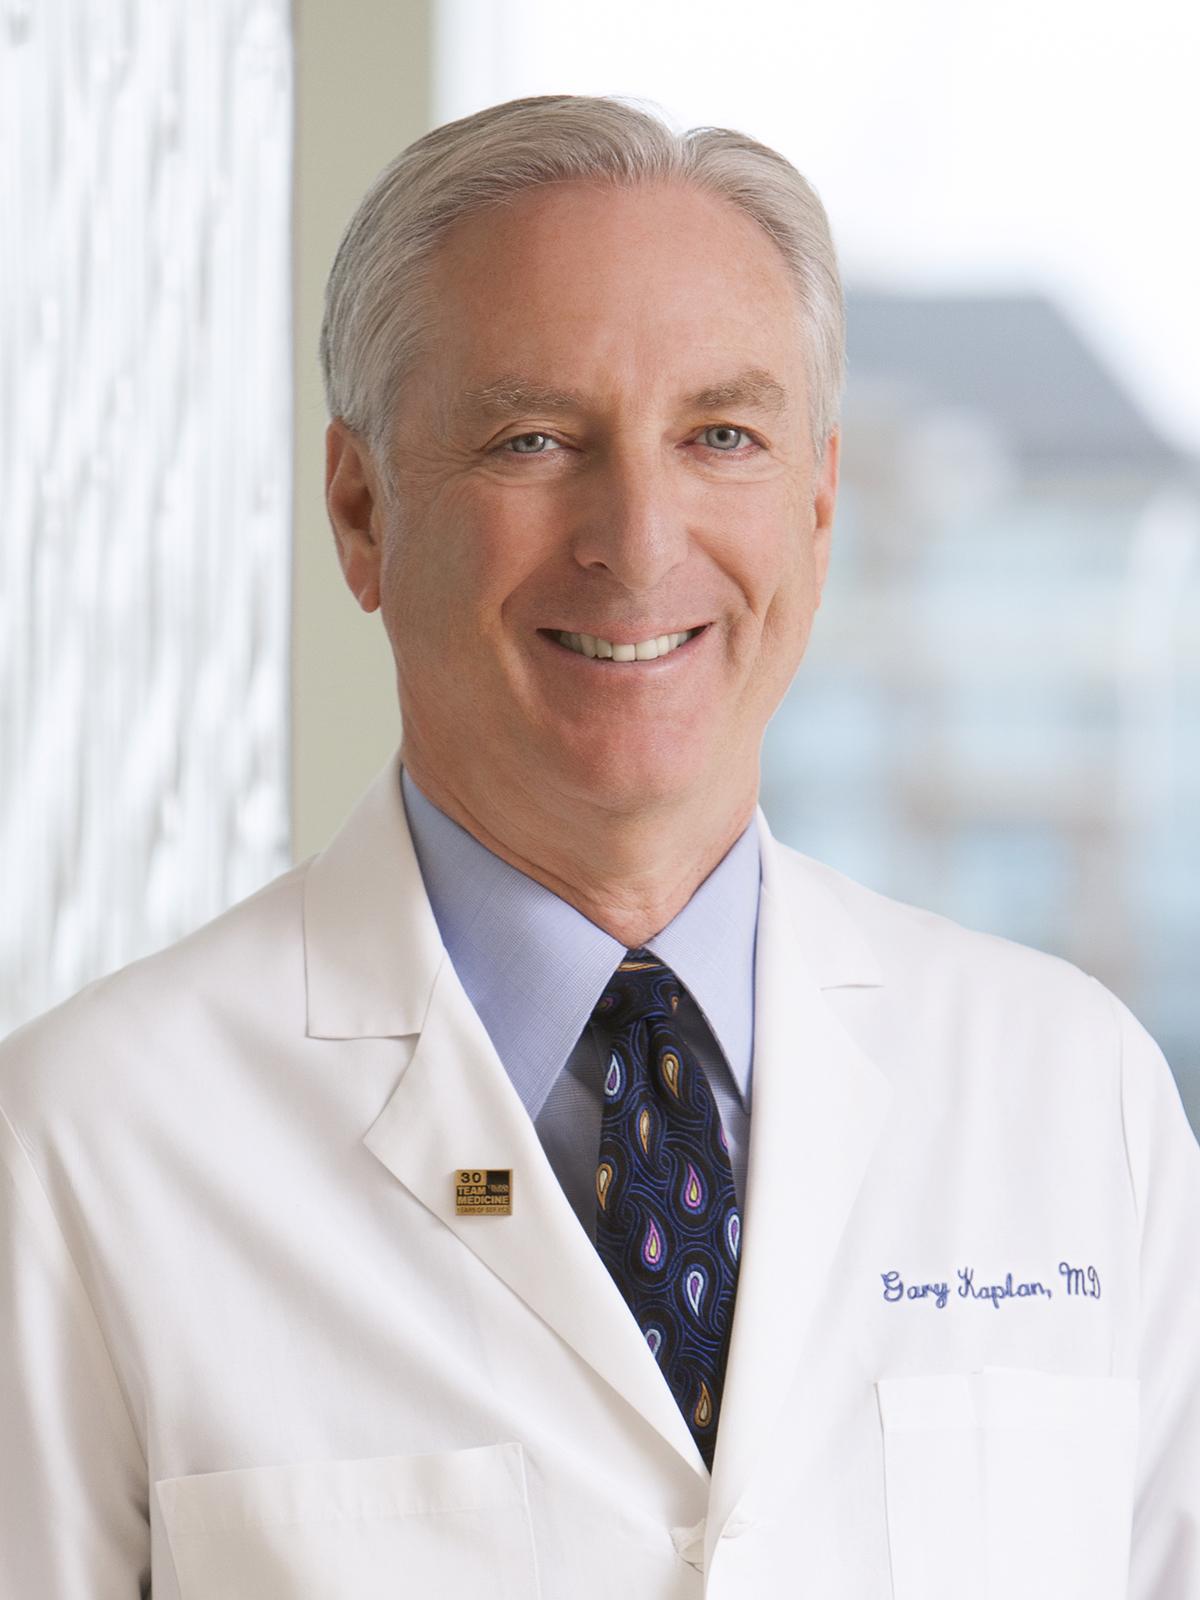 Gary S. Kaplan, MD